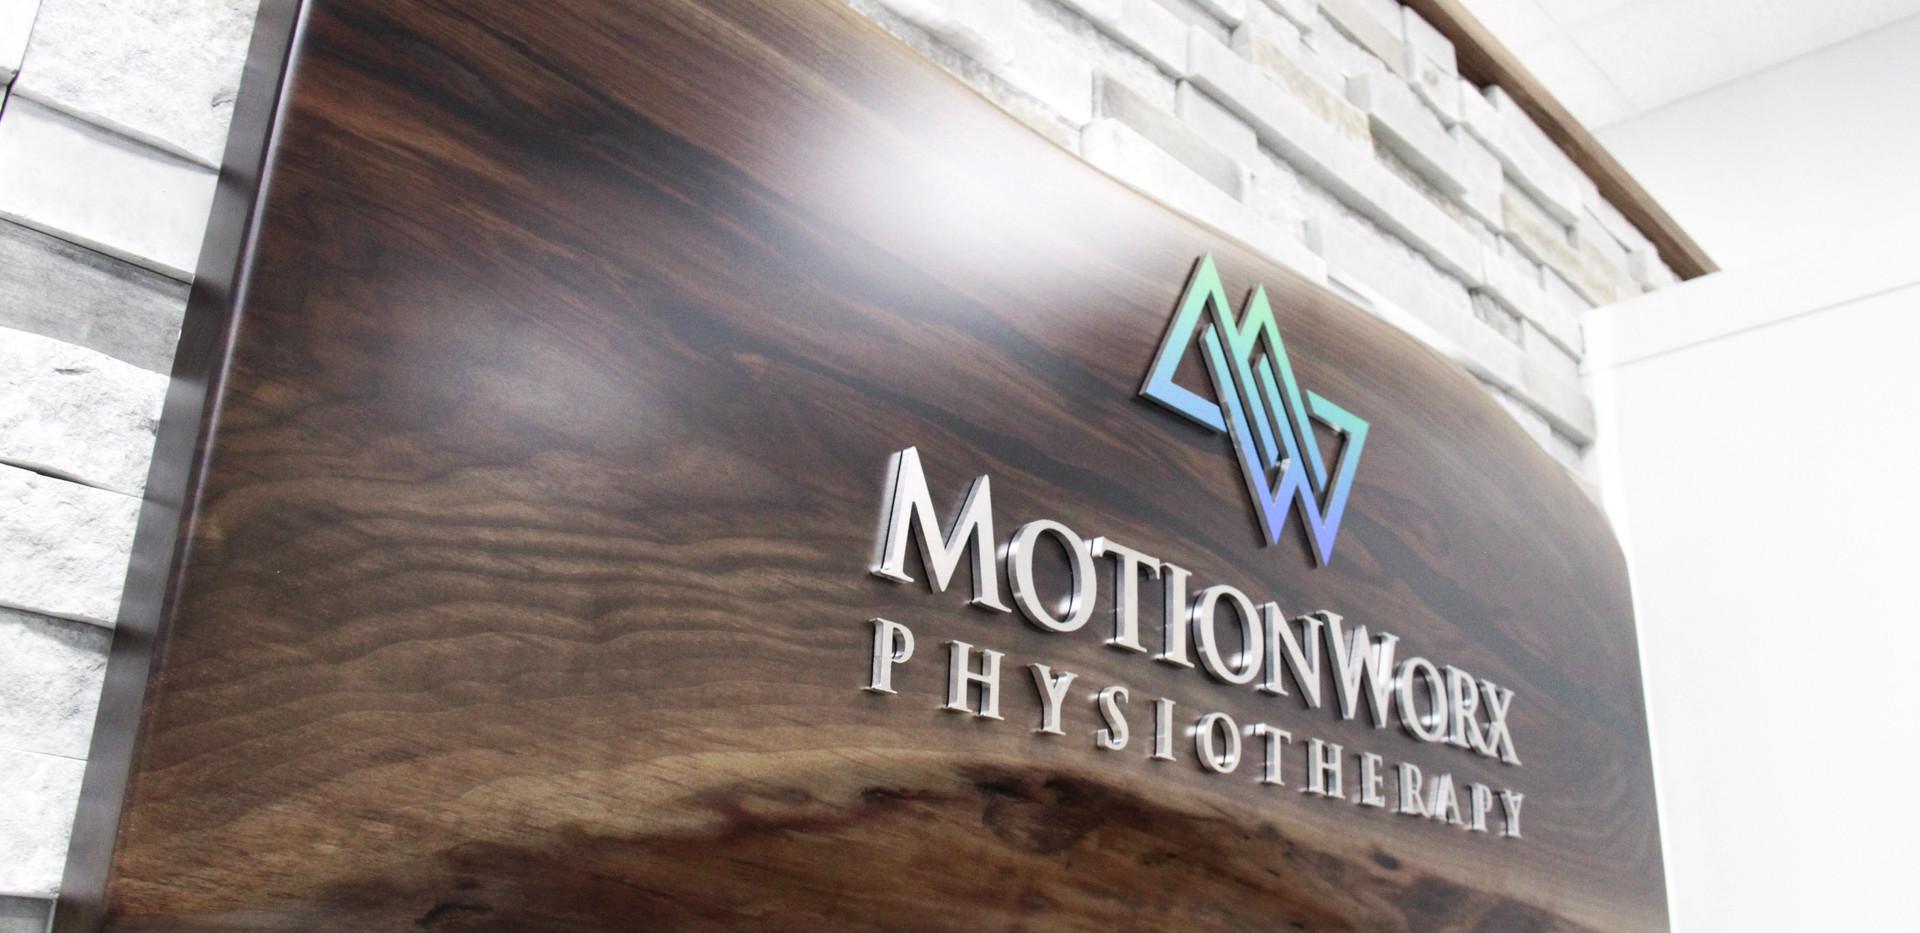 MotionWorx_0087.jpg